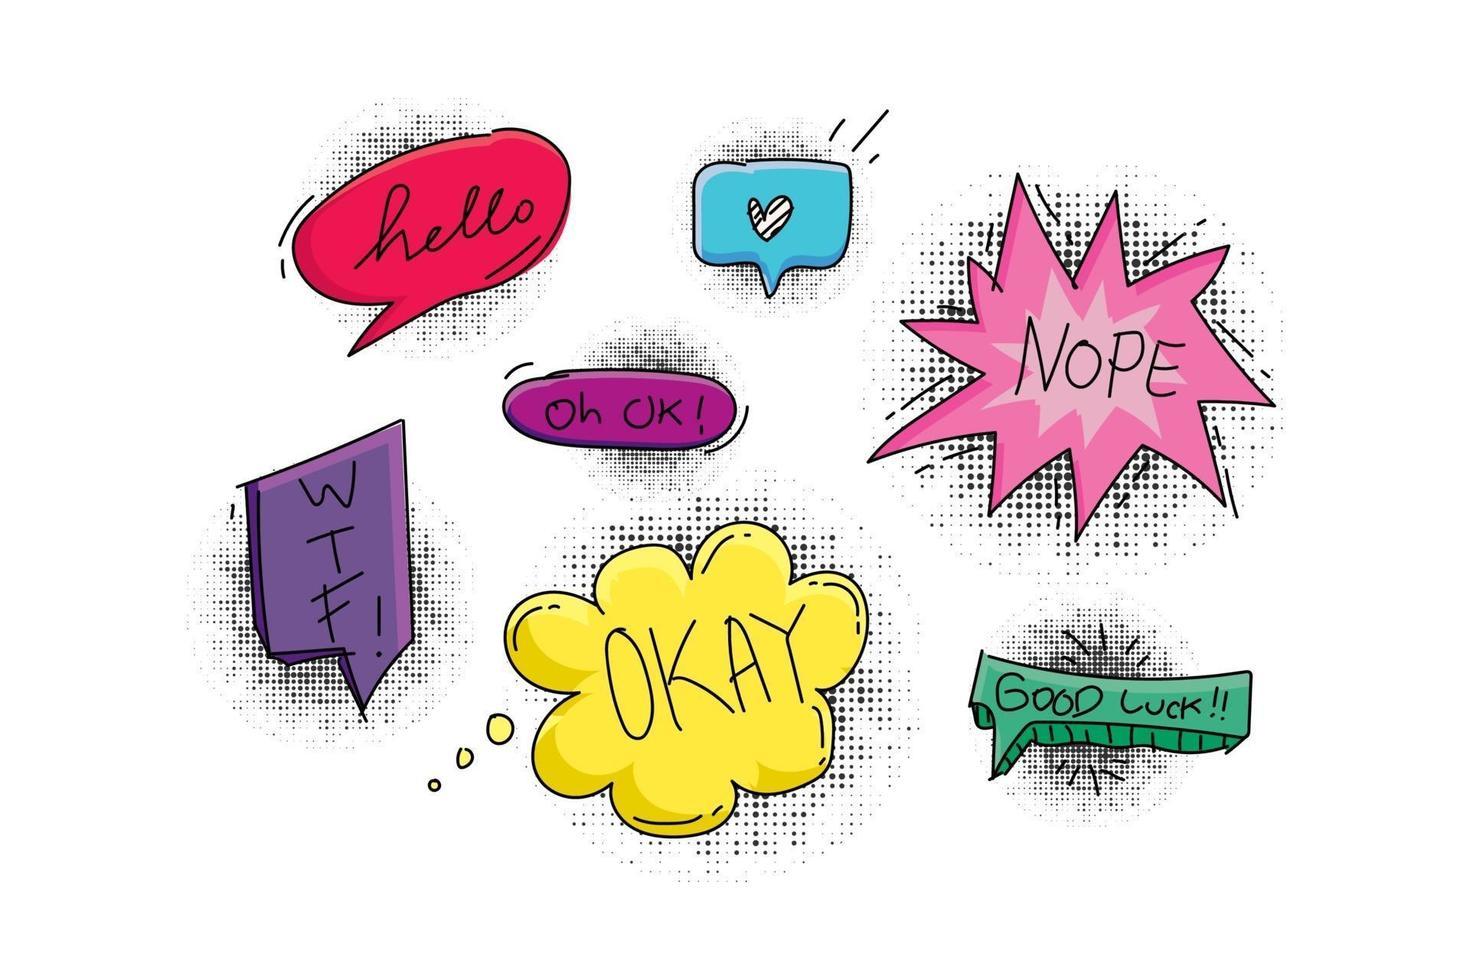 uppsättning popkonst bubbla samtal med halvton samling design vektor